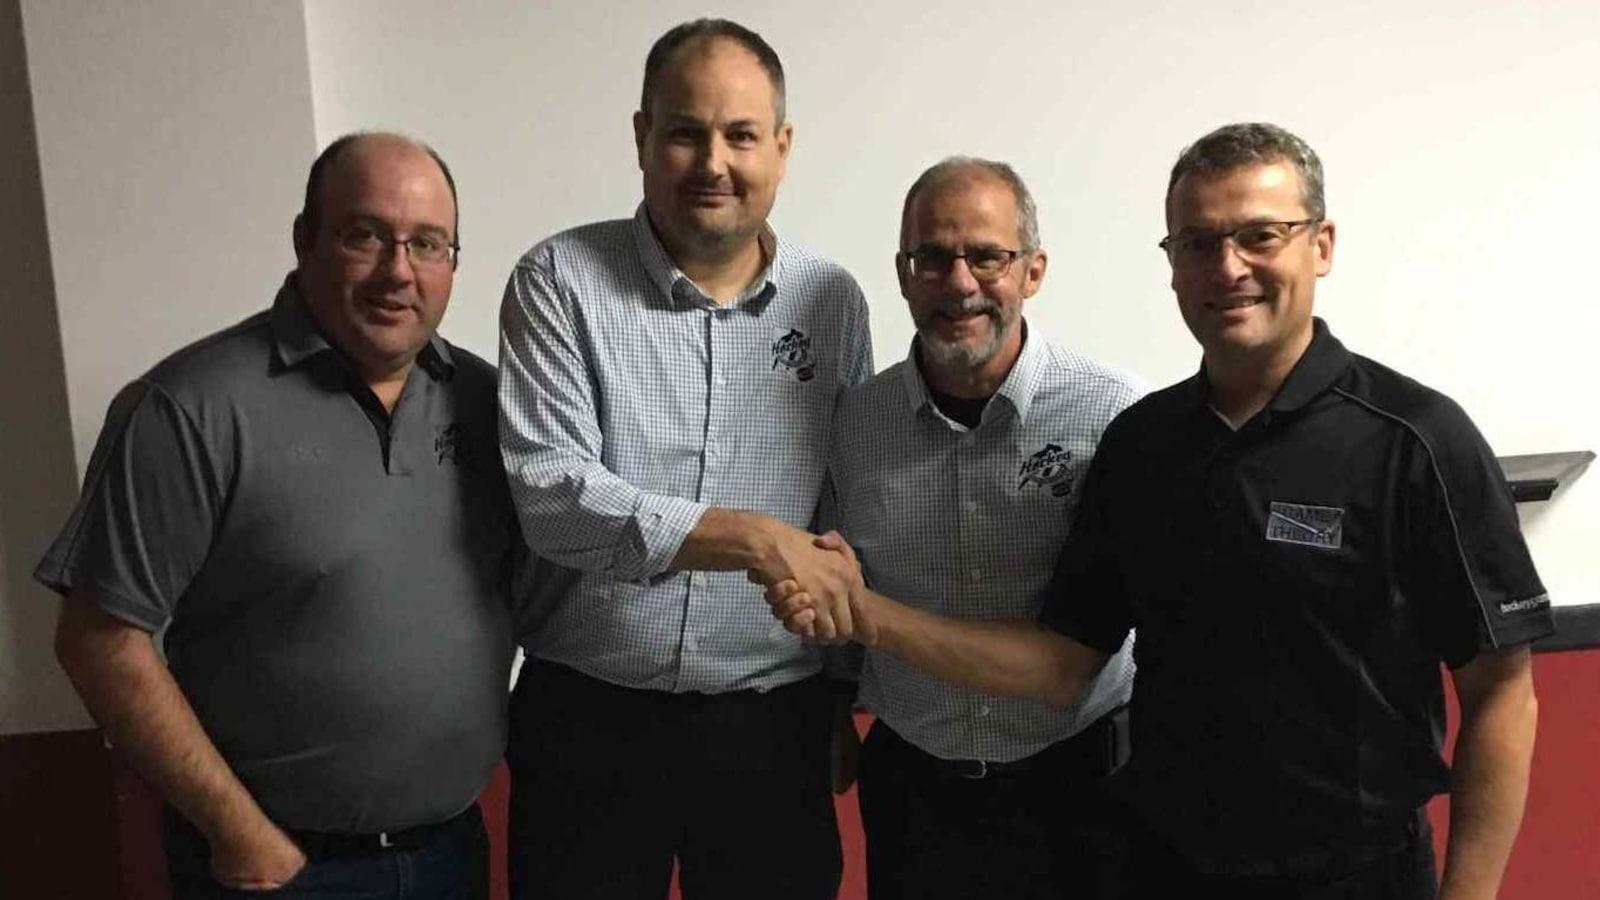 Les quatre hommes posent debout: Christian Baulé, Marc Désilets, Claude Bordeleau et Benoît Tremblay.